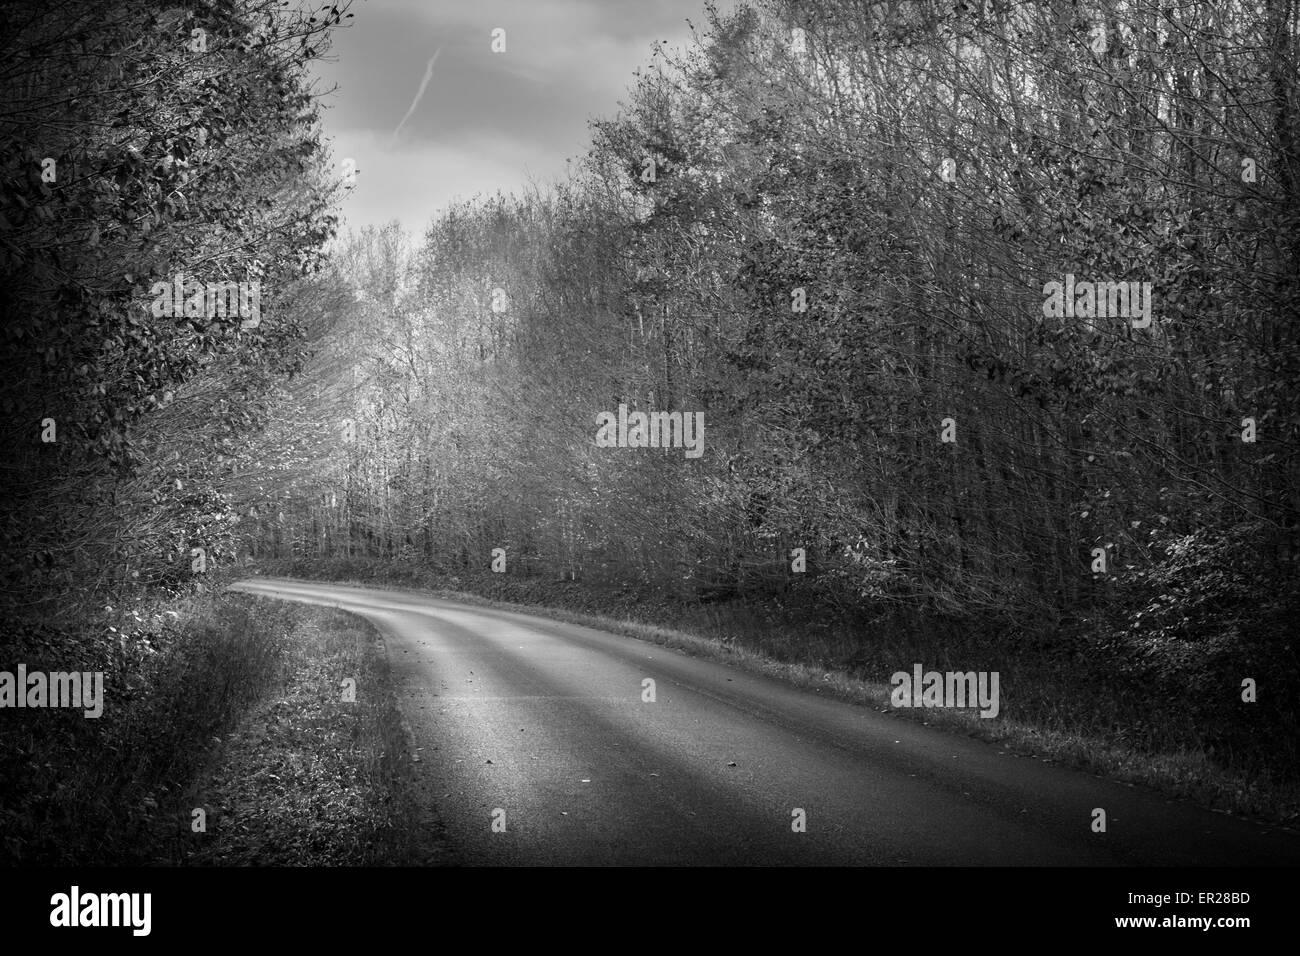 Straße Holz Bäume Indre-et-Loire Frankreich schwarz / weiß Stockbild